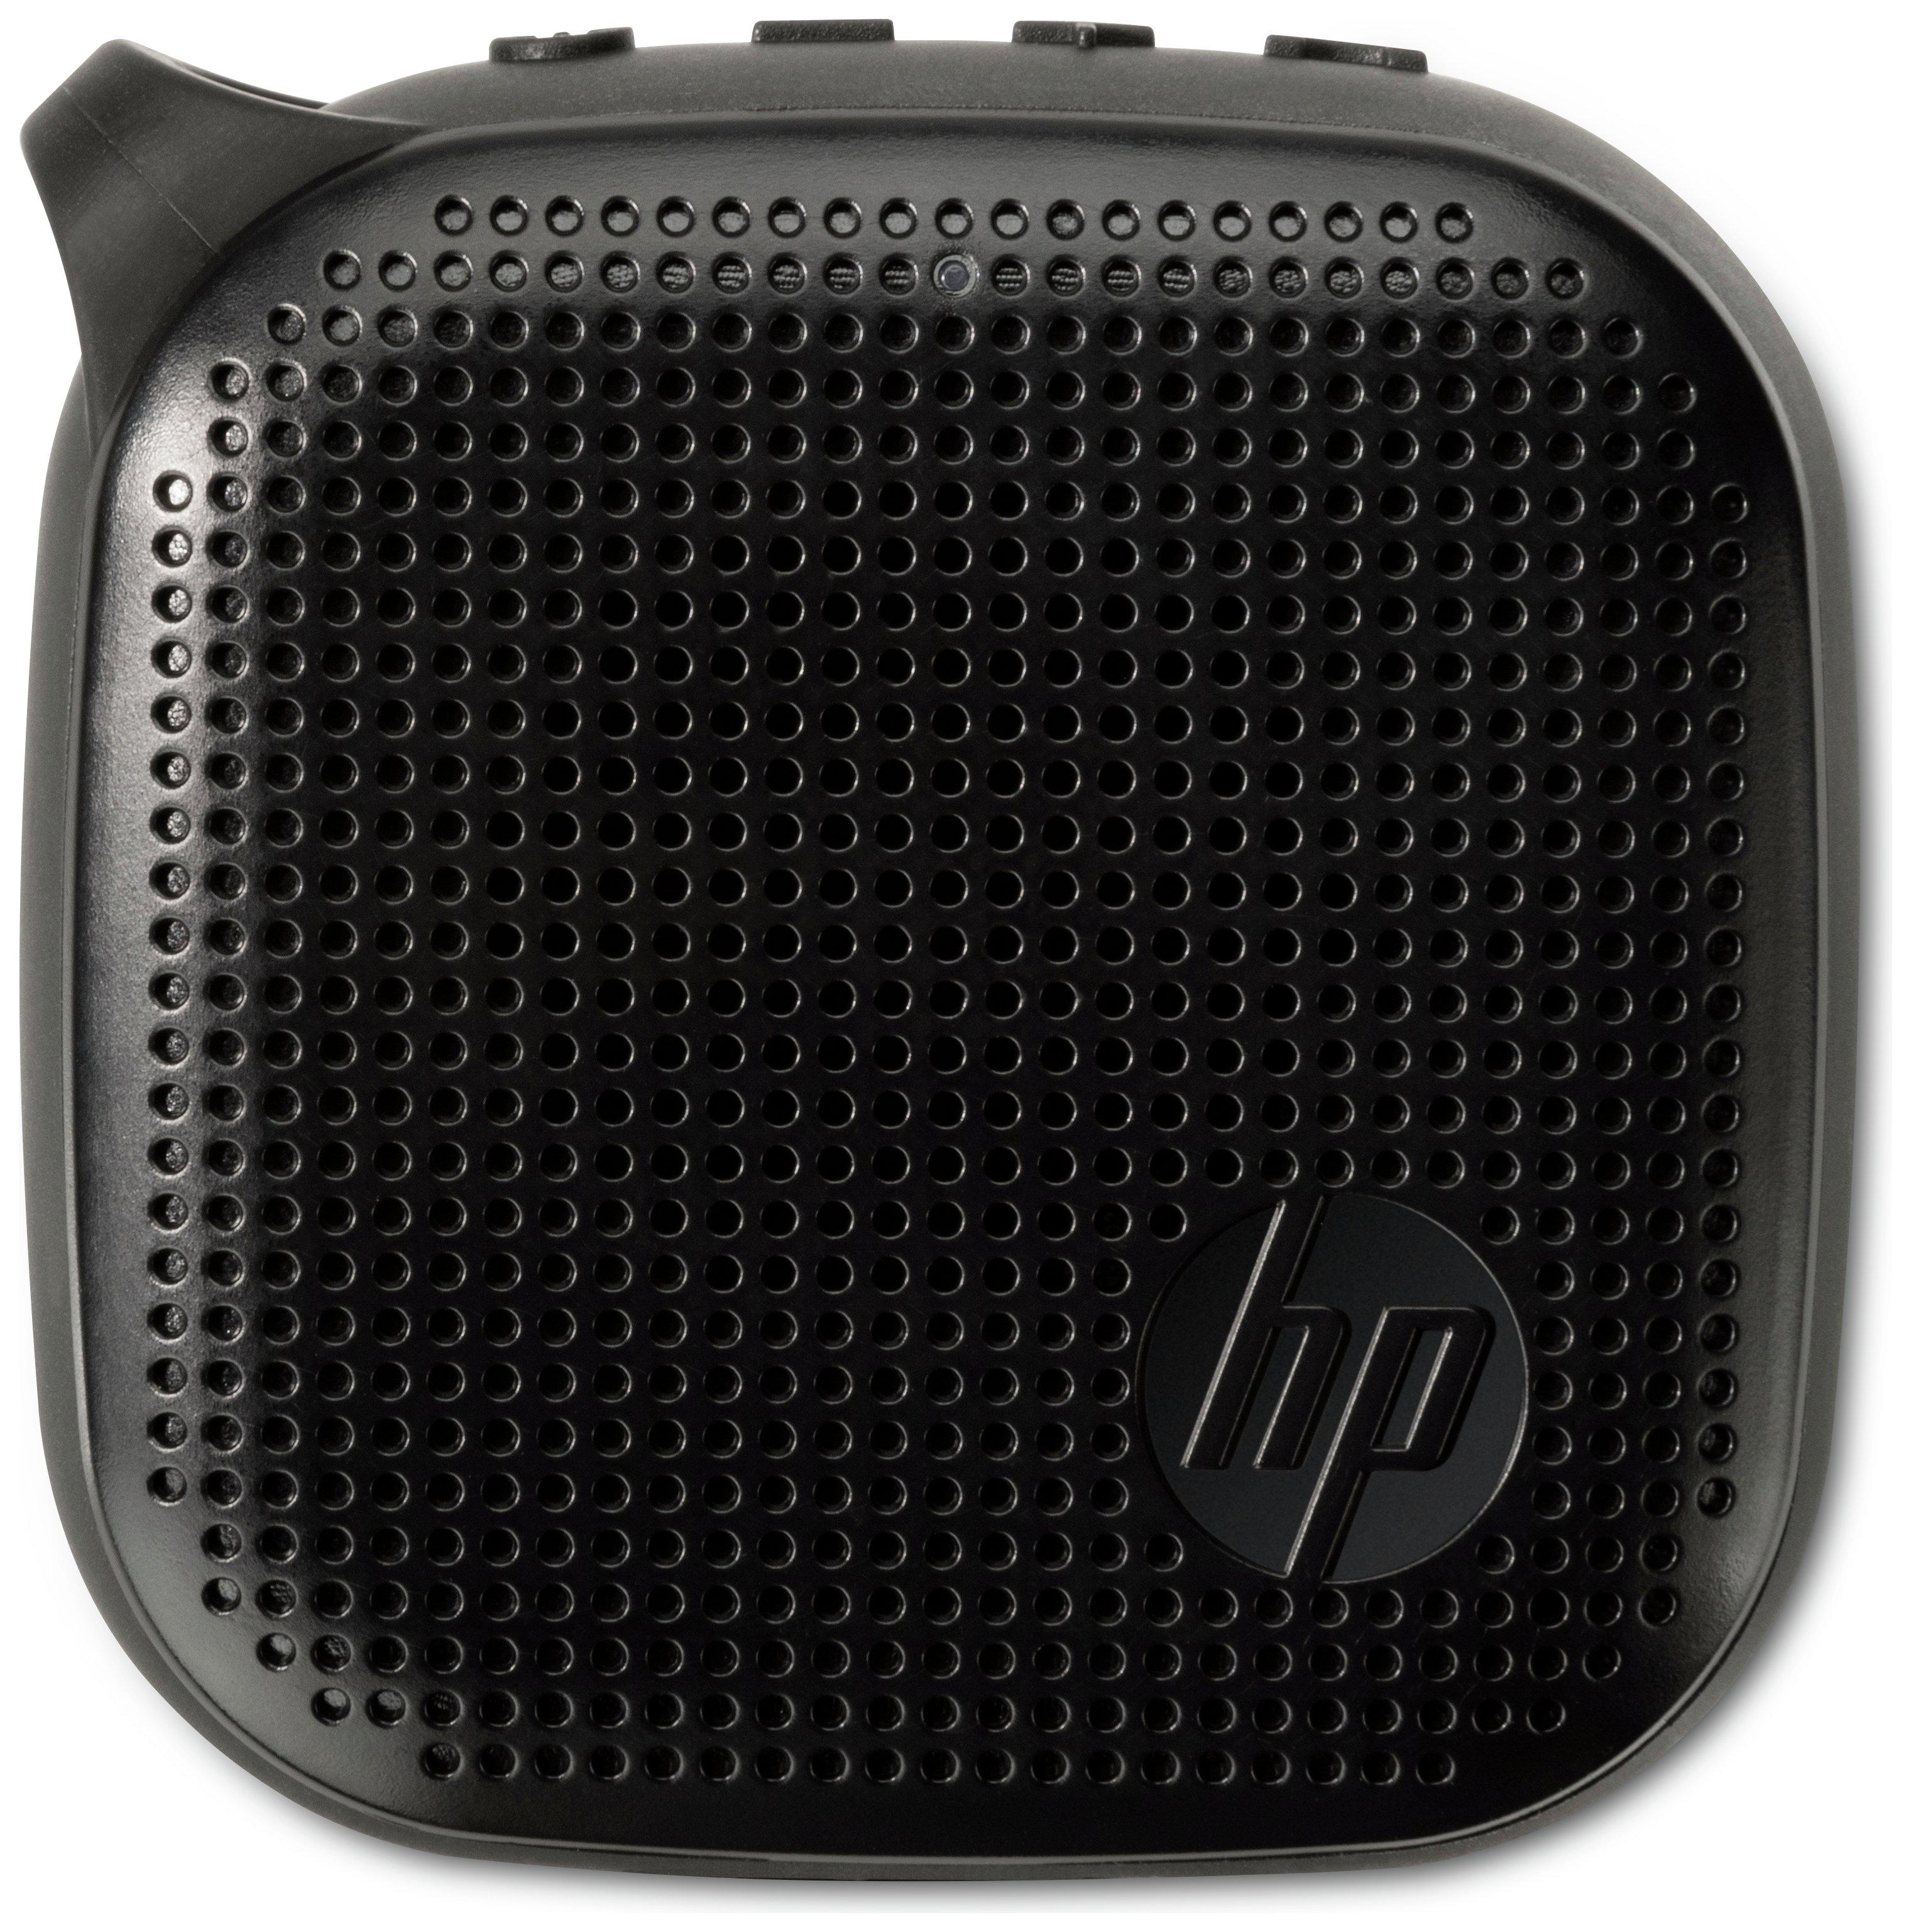 Wireless Speaker Review